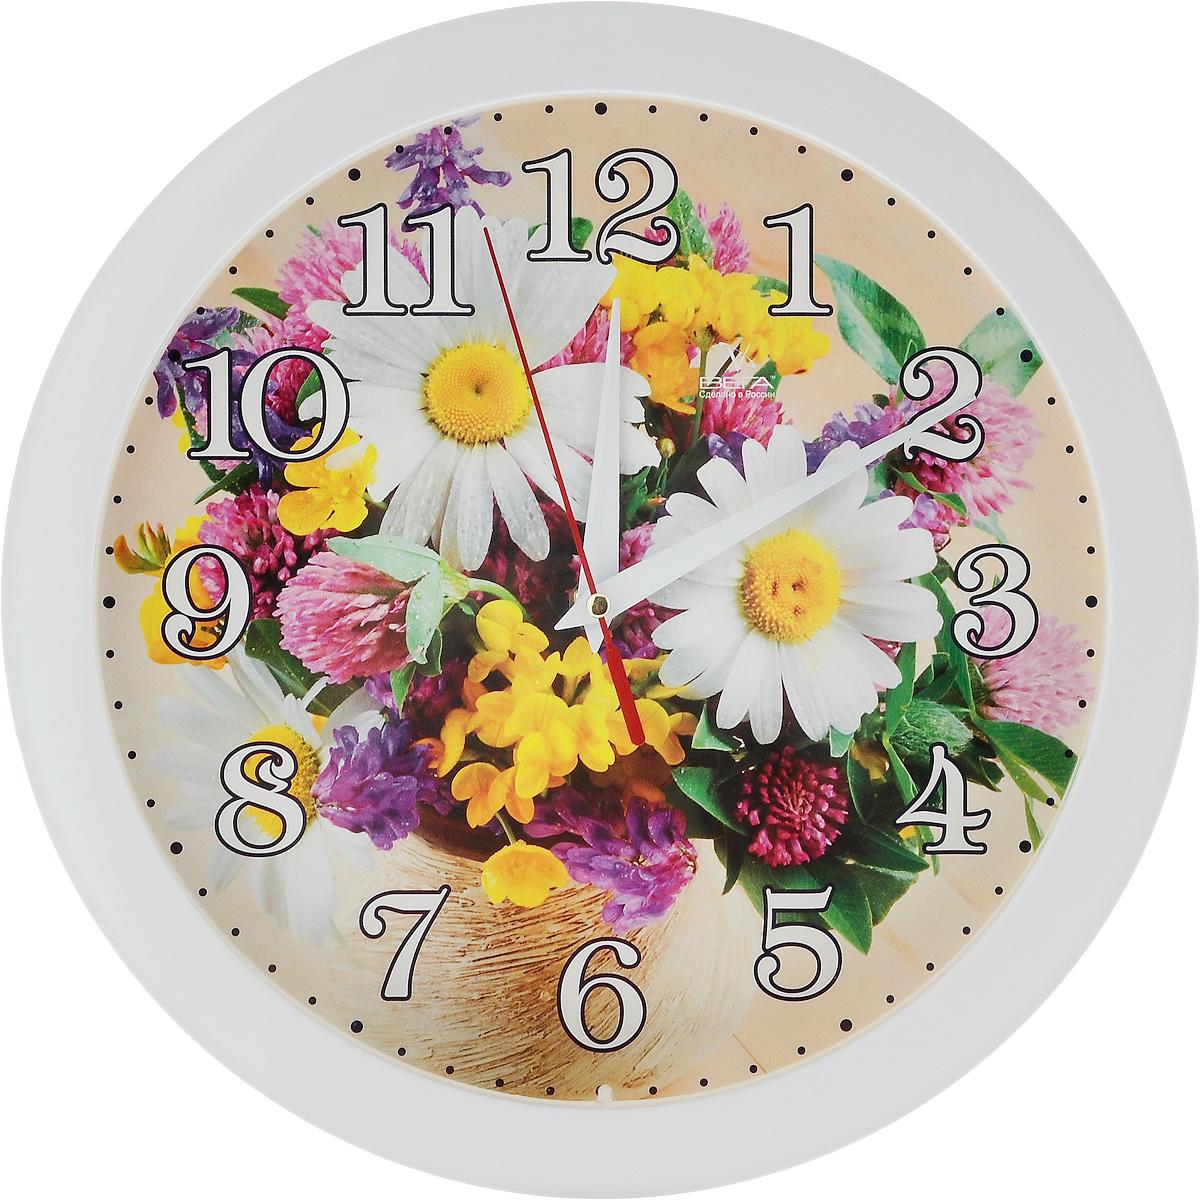 Часы настенные Вега Маринина радость, диаметр 28,5 смП1-7/7-219Настенные кварцевые часы Вега Маринина радость,изготовленные из пластика, прекрасно впишутся в интерьервашего дома. Часы имеют три стрелки: часовую, минутную исекундную, циферблат защищен прозрачным стеклом.Часы работают от 1 батарейки типа АА напряжением 1,5 В (невходит в комплект). Диаметр часов: 28,5 см.